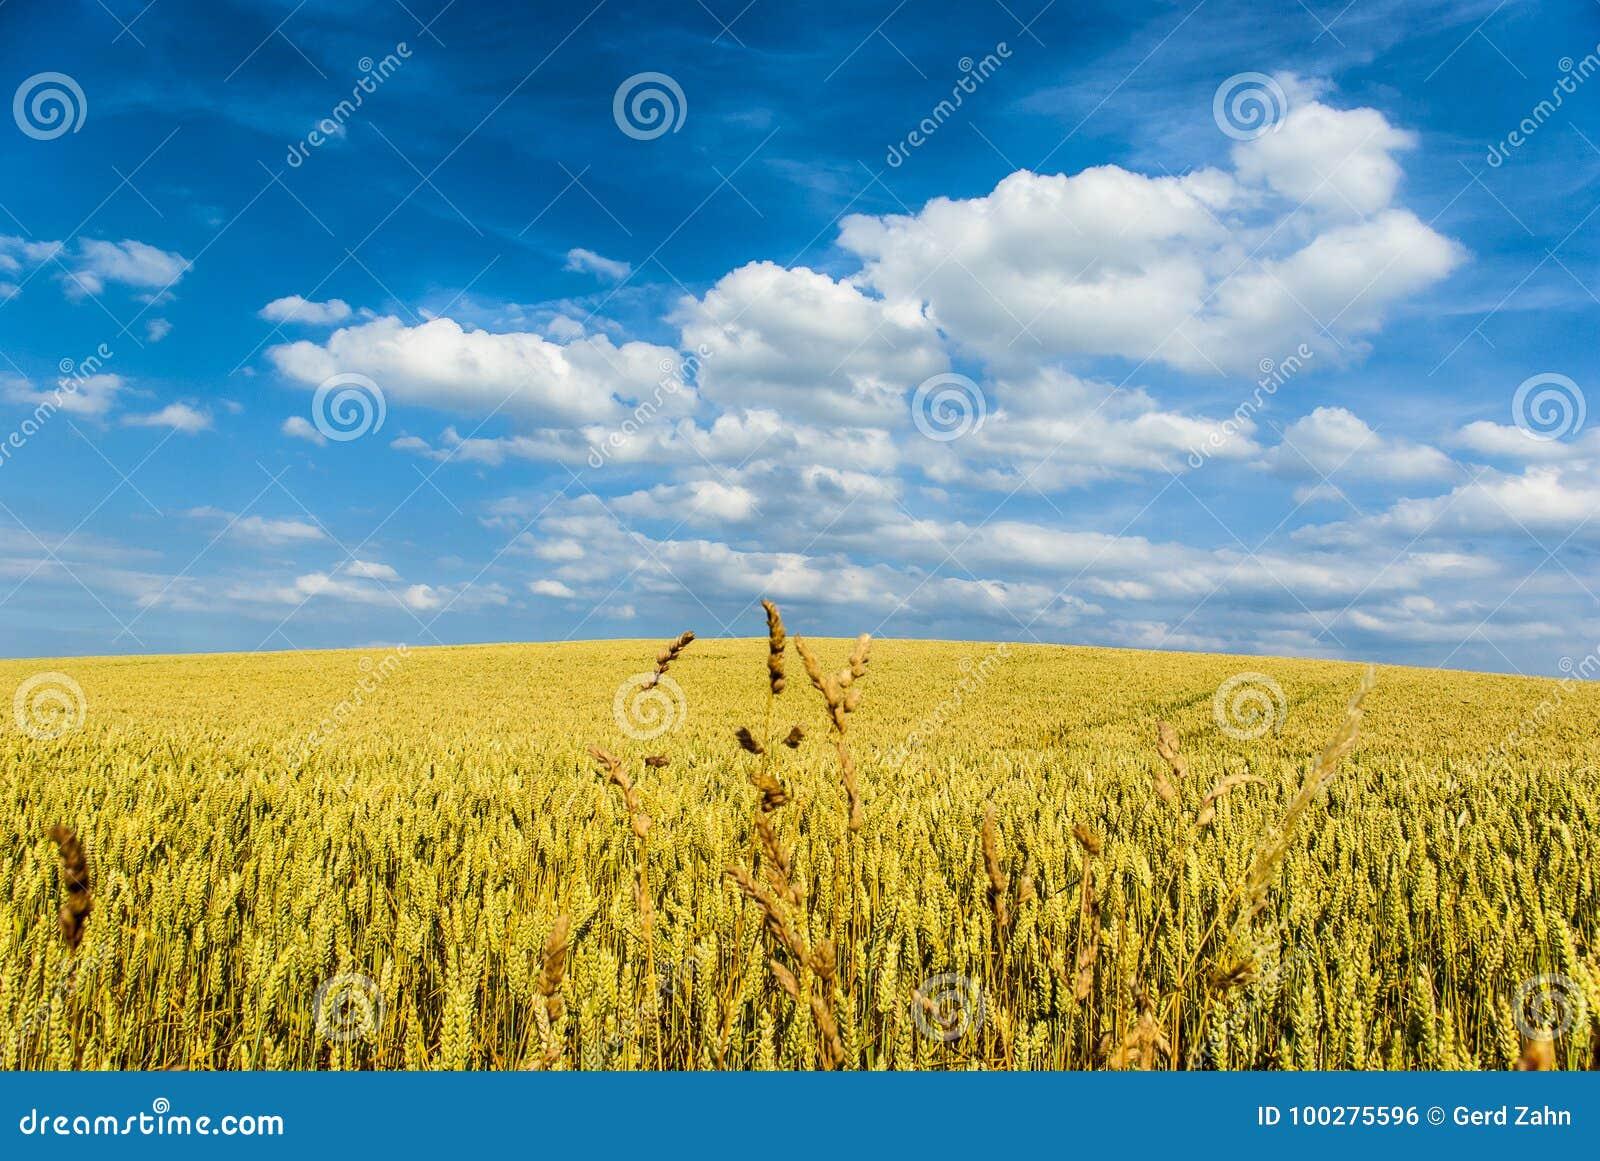 Пшеничное поле с голубым небом и белыми облаками на переднем плане в середине некоторых больших черенок, blauem Himmel mit Weizen